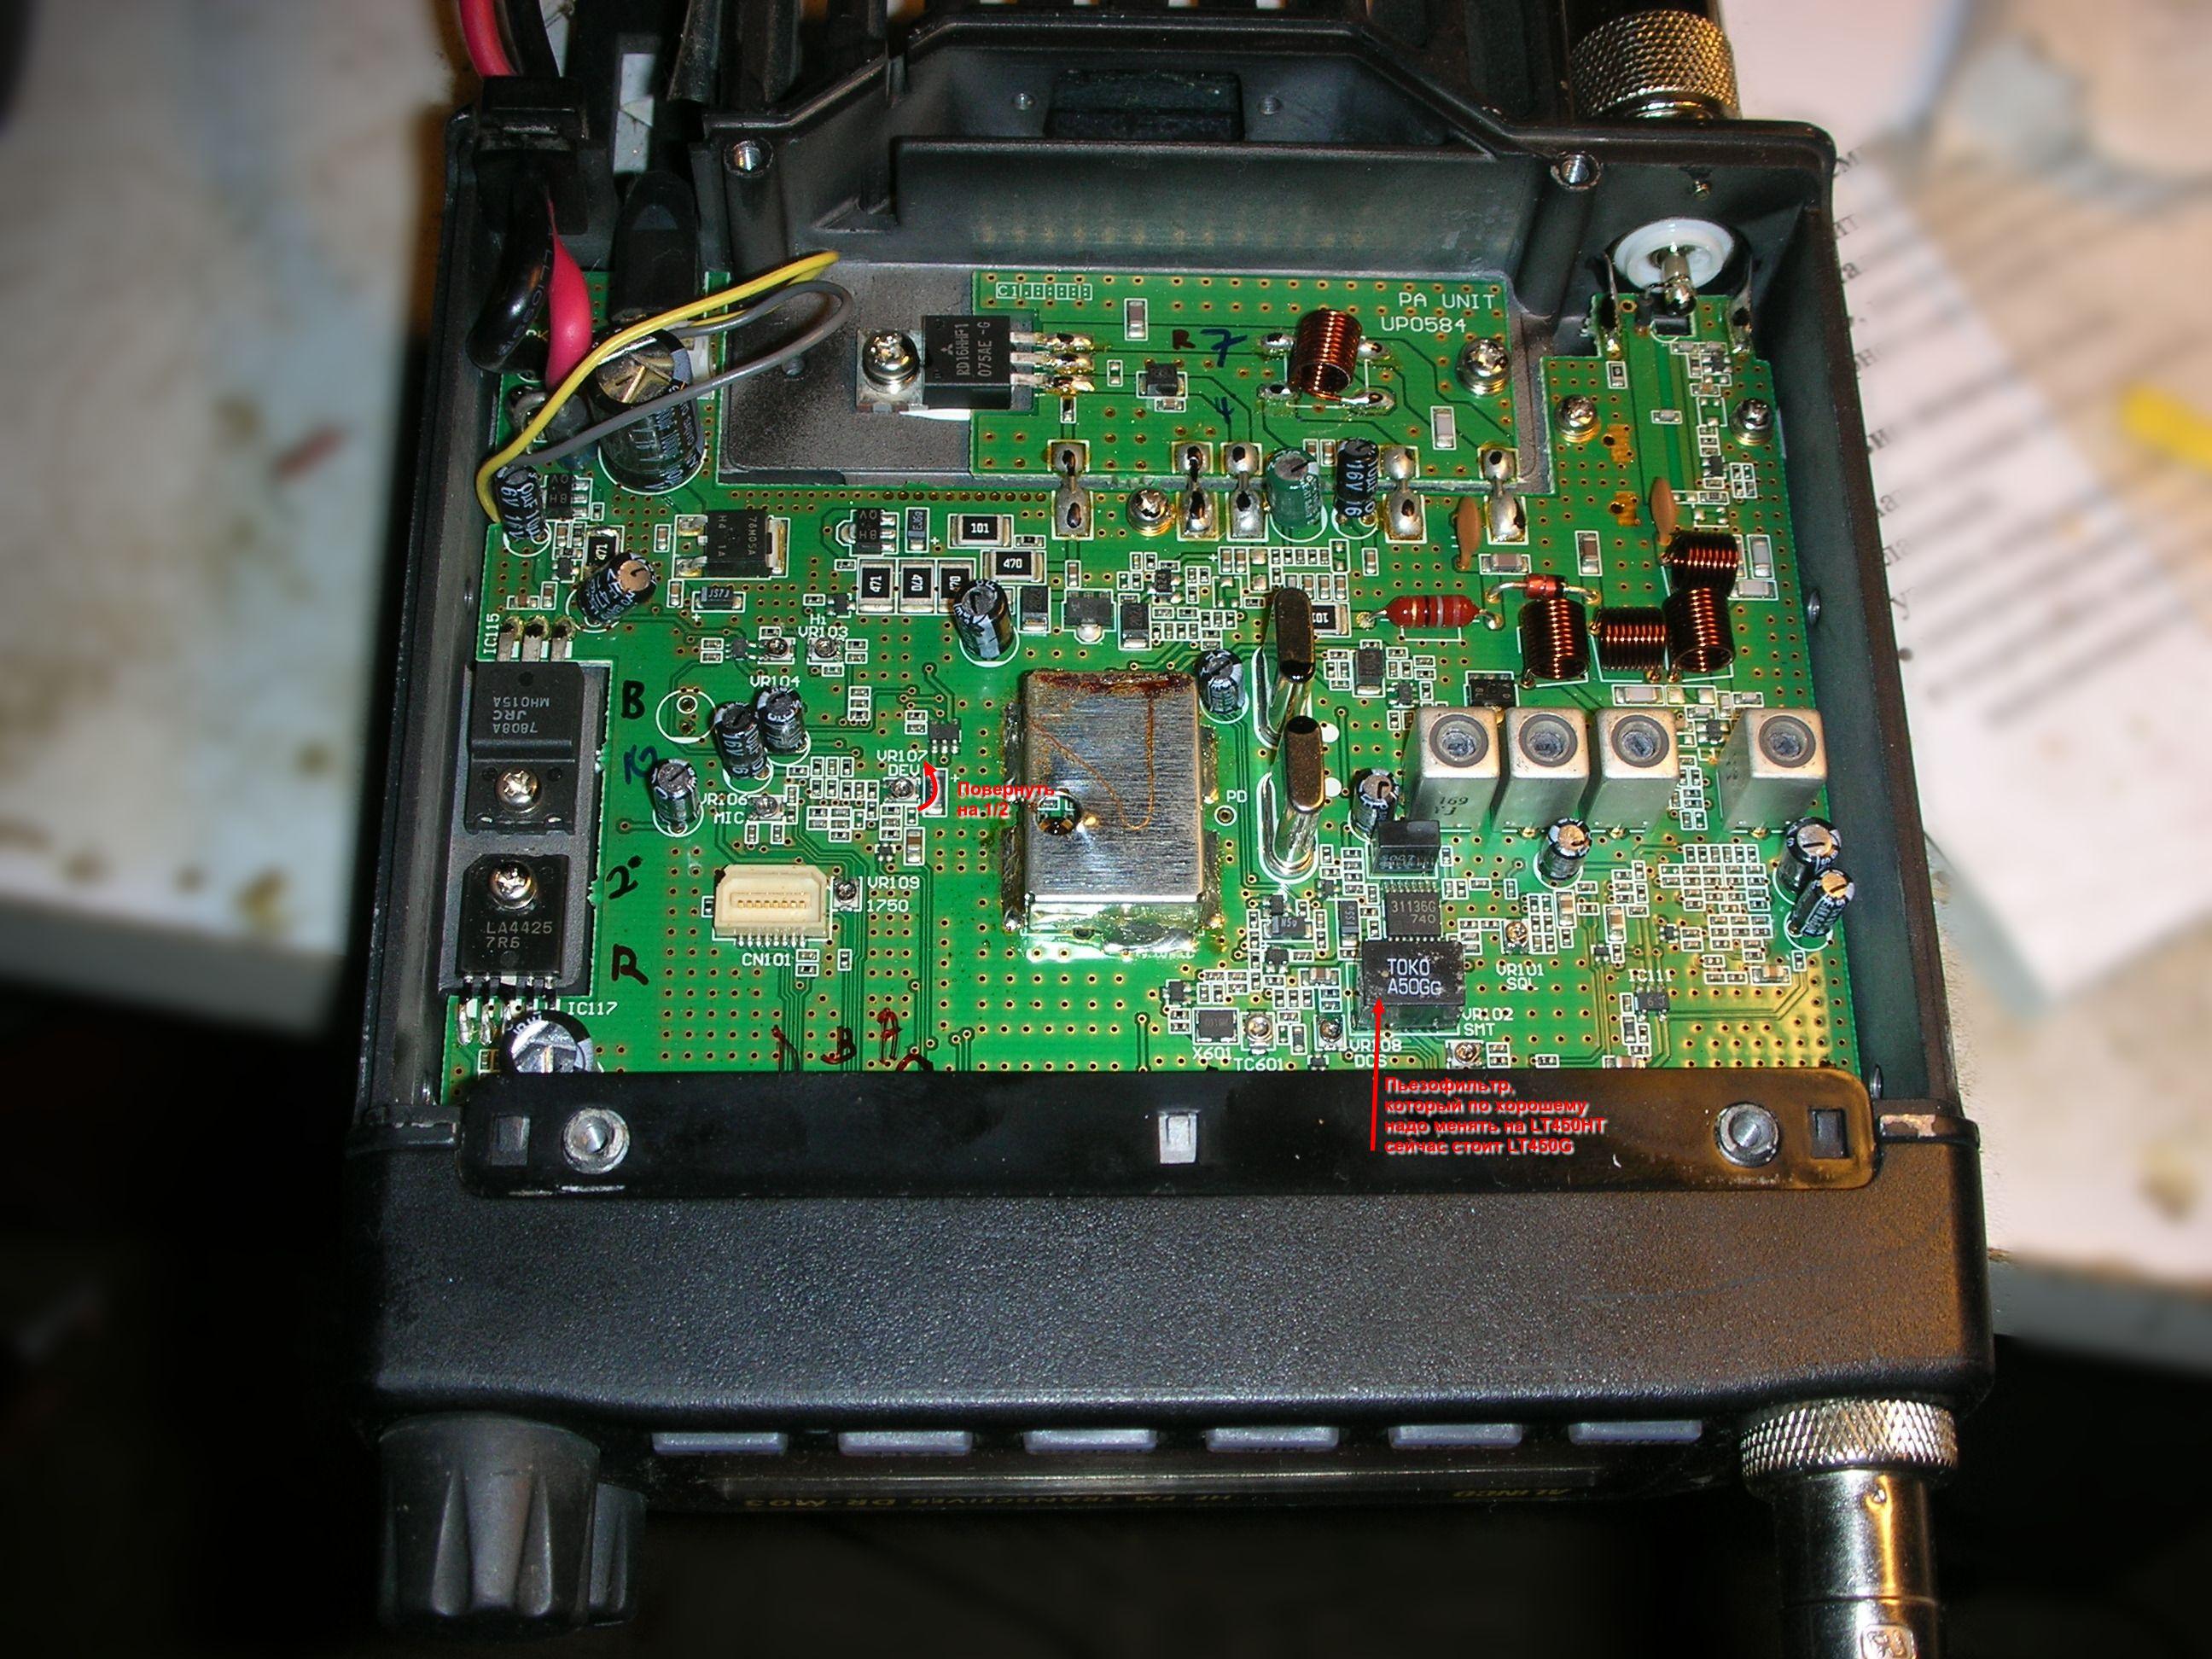 Alinco DR-M03 вид изнутри. Фотография основной платы радиостанции Alinco DR-M03